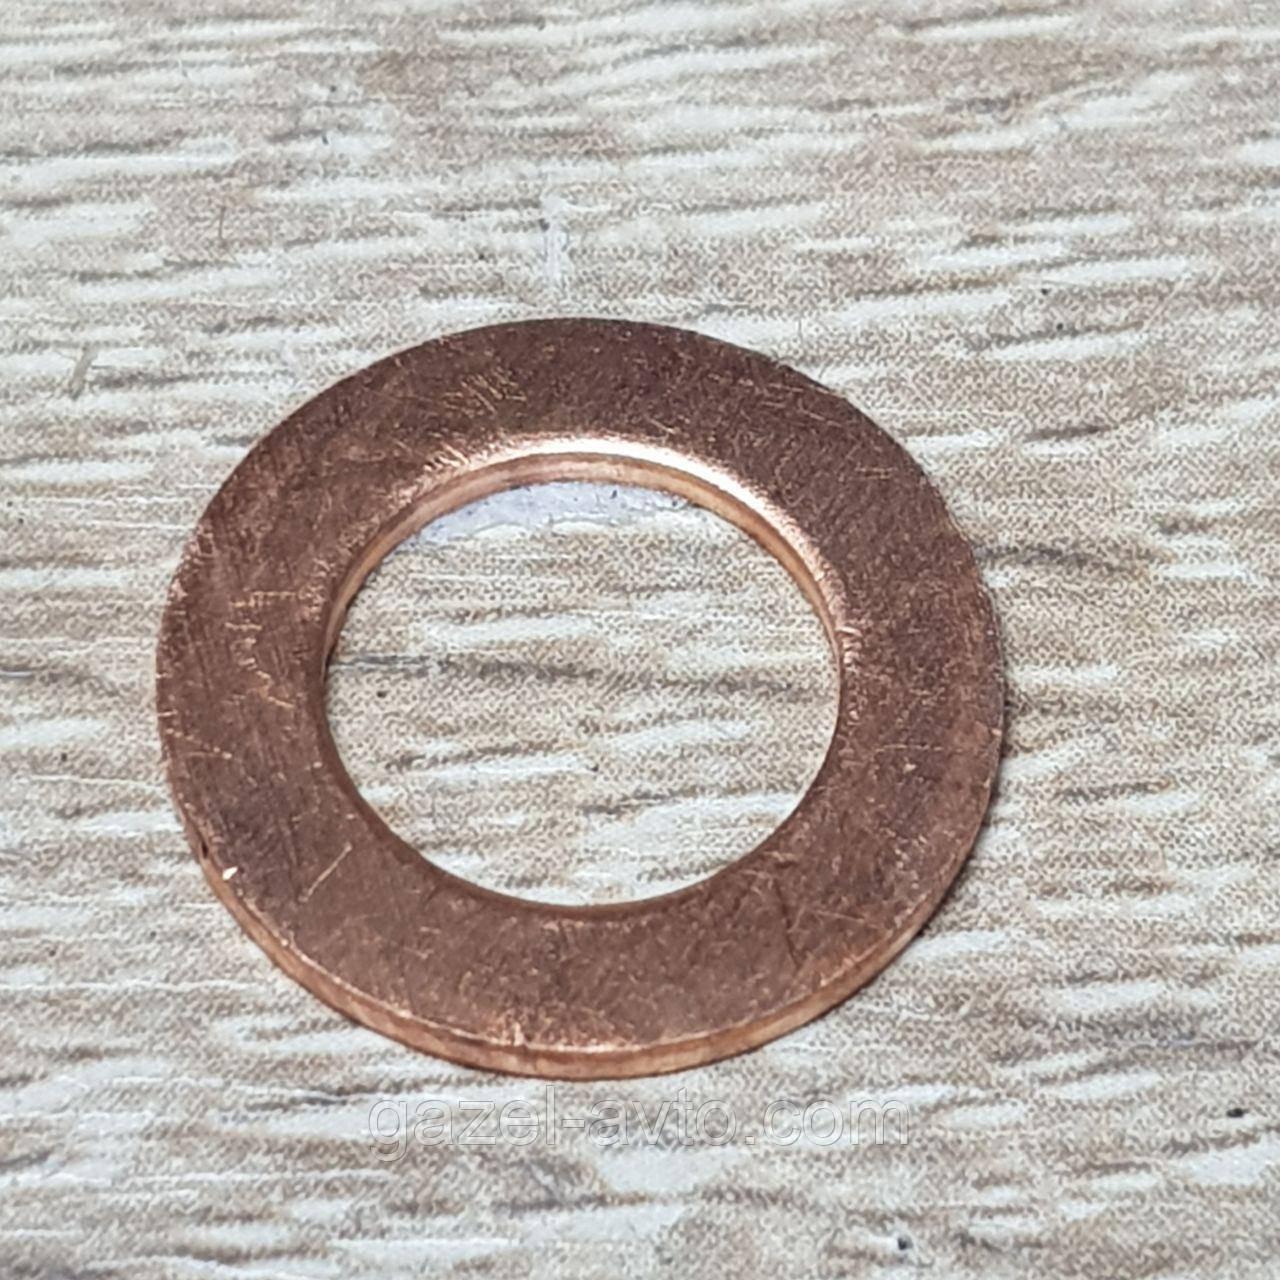 Прокладка трубки подачи масла на турбокомпрессор Газель Соболь NEXT,Бизнес дв.Cummins ISF 2.8 (покупн. ГАЗ)